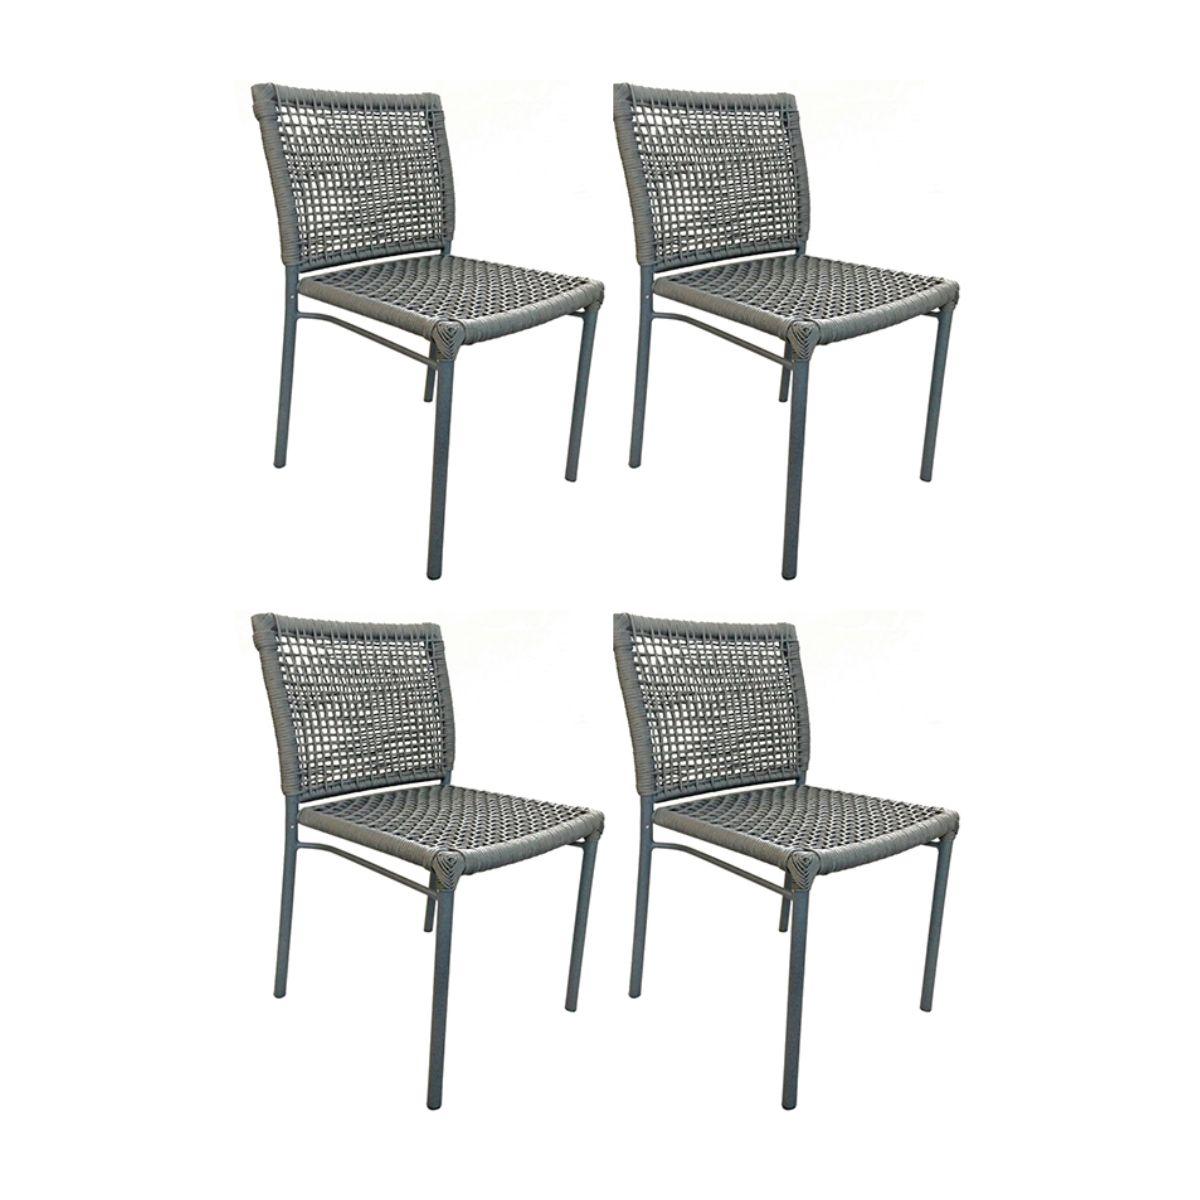 Kit com 4 Cadeiras Alteia  - ÁREA EXTERNA MÓVEIS